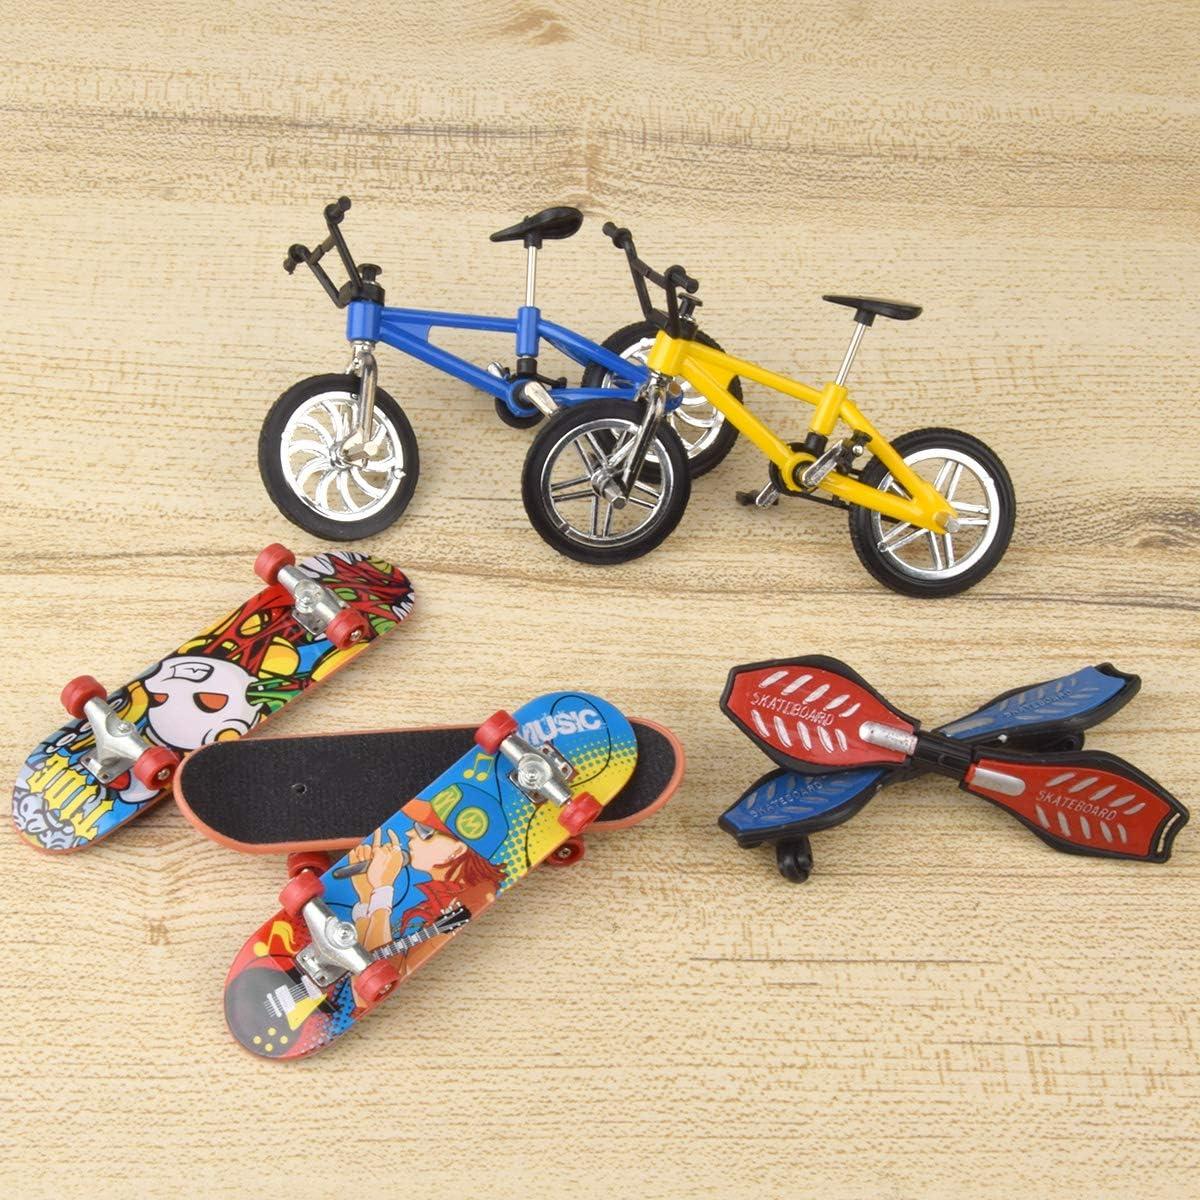 Loscrew Mini Finger Sports Set Skateboards Fahrr/äder Schaukelbretter Ersatzr/äder Set und Werkzeuge f/ür Partybevorzugungen P/ädagogisches Fingerspielzeug 27 St/ück